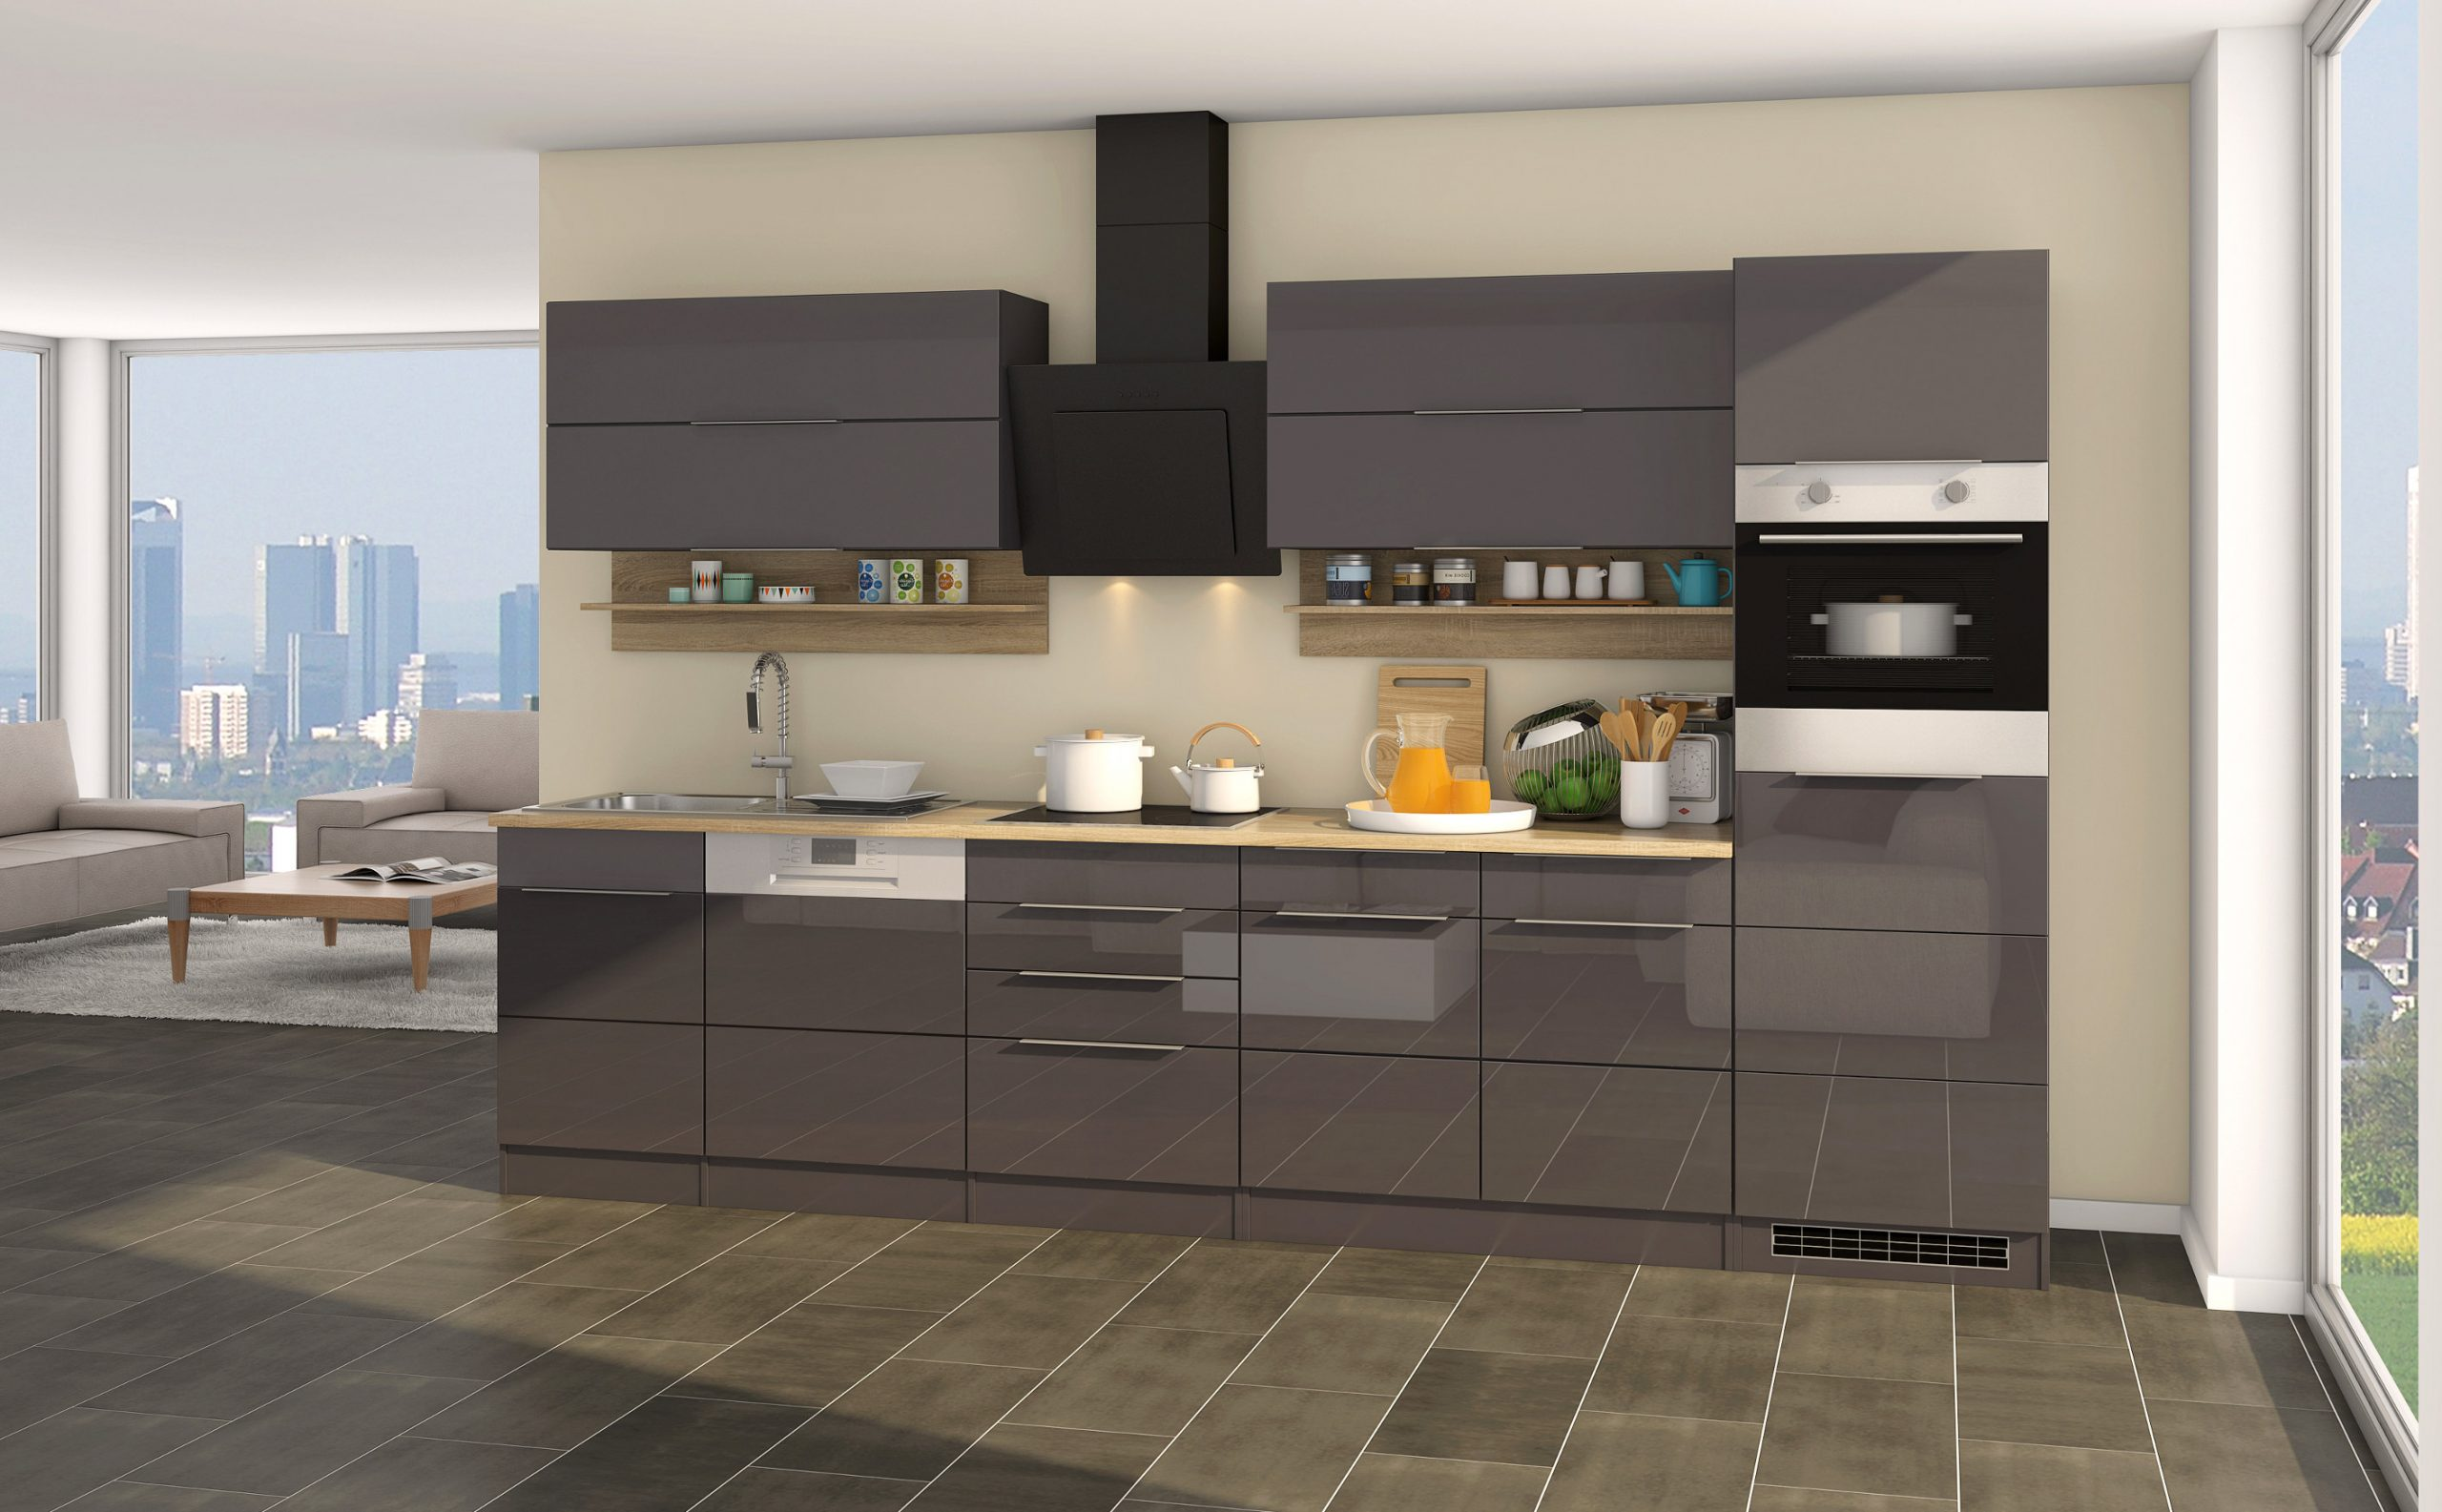 Full Size of Einbauküche Mit Elektrogeräte Preisvergleich Einbauküche Mit Elektrogeräten Kaufen Einbauküche Mit Elektrogeräten Poco Einbauküche Mit Elektrogeräten Und Geschirrspüler Küche Einbauküche Mit Elektrogeräten